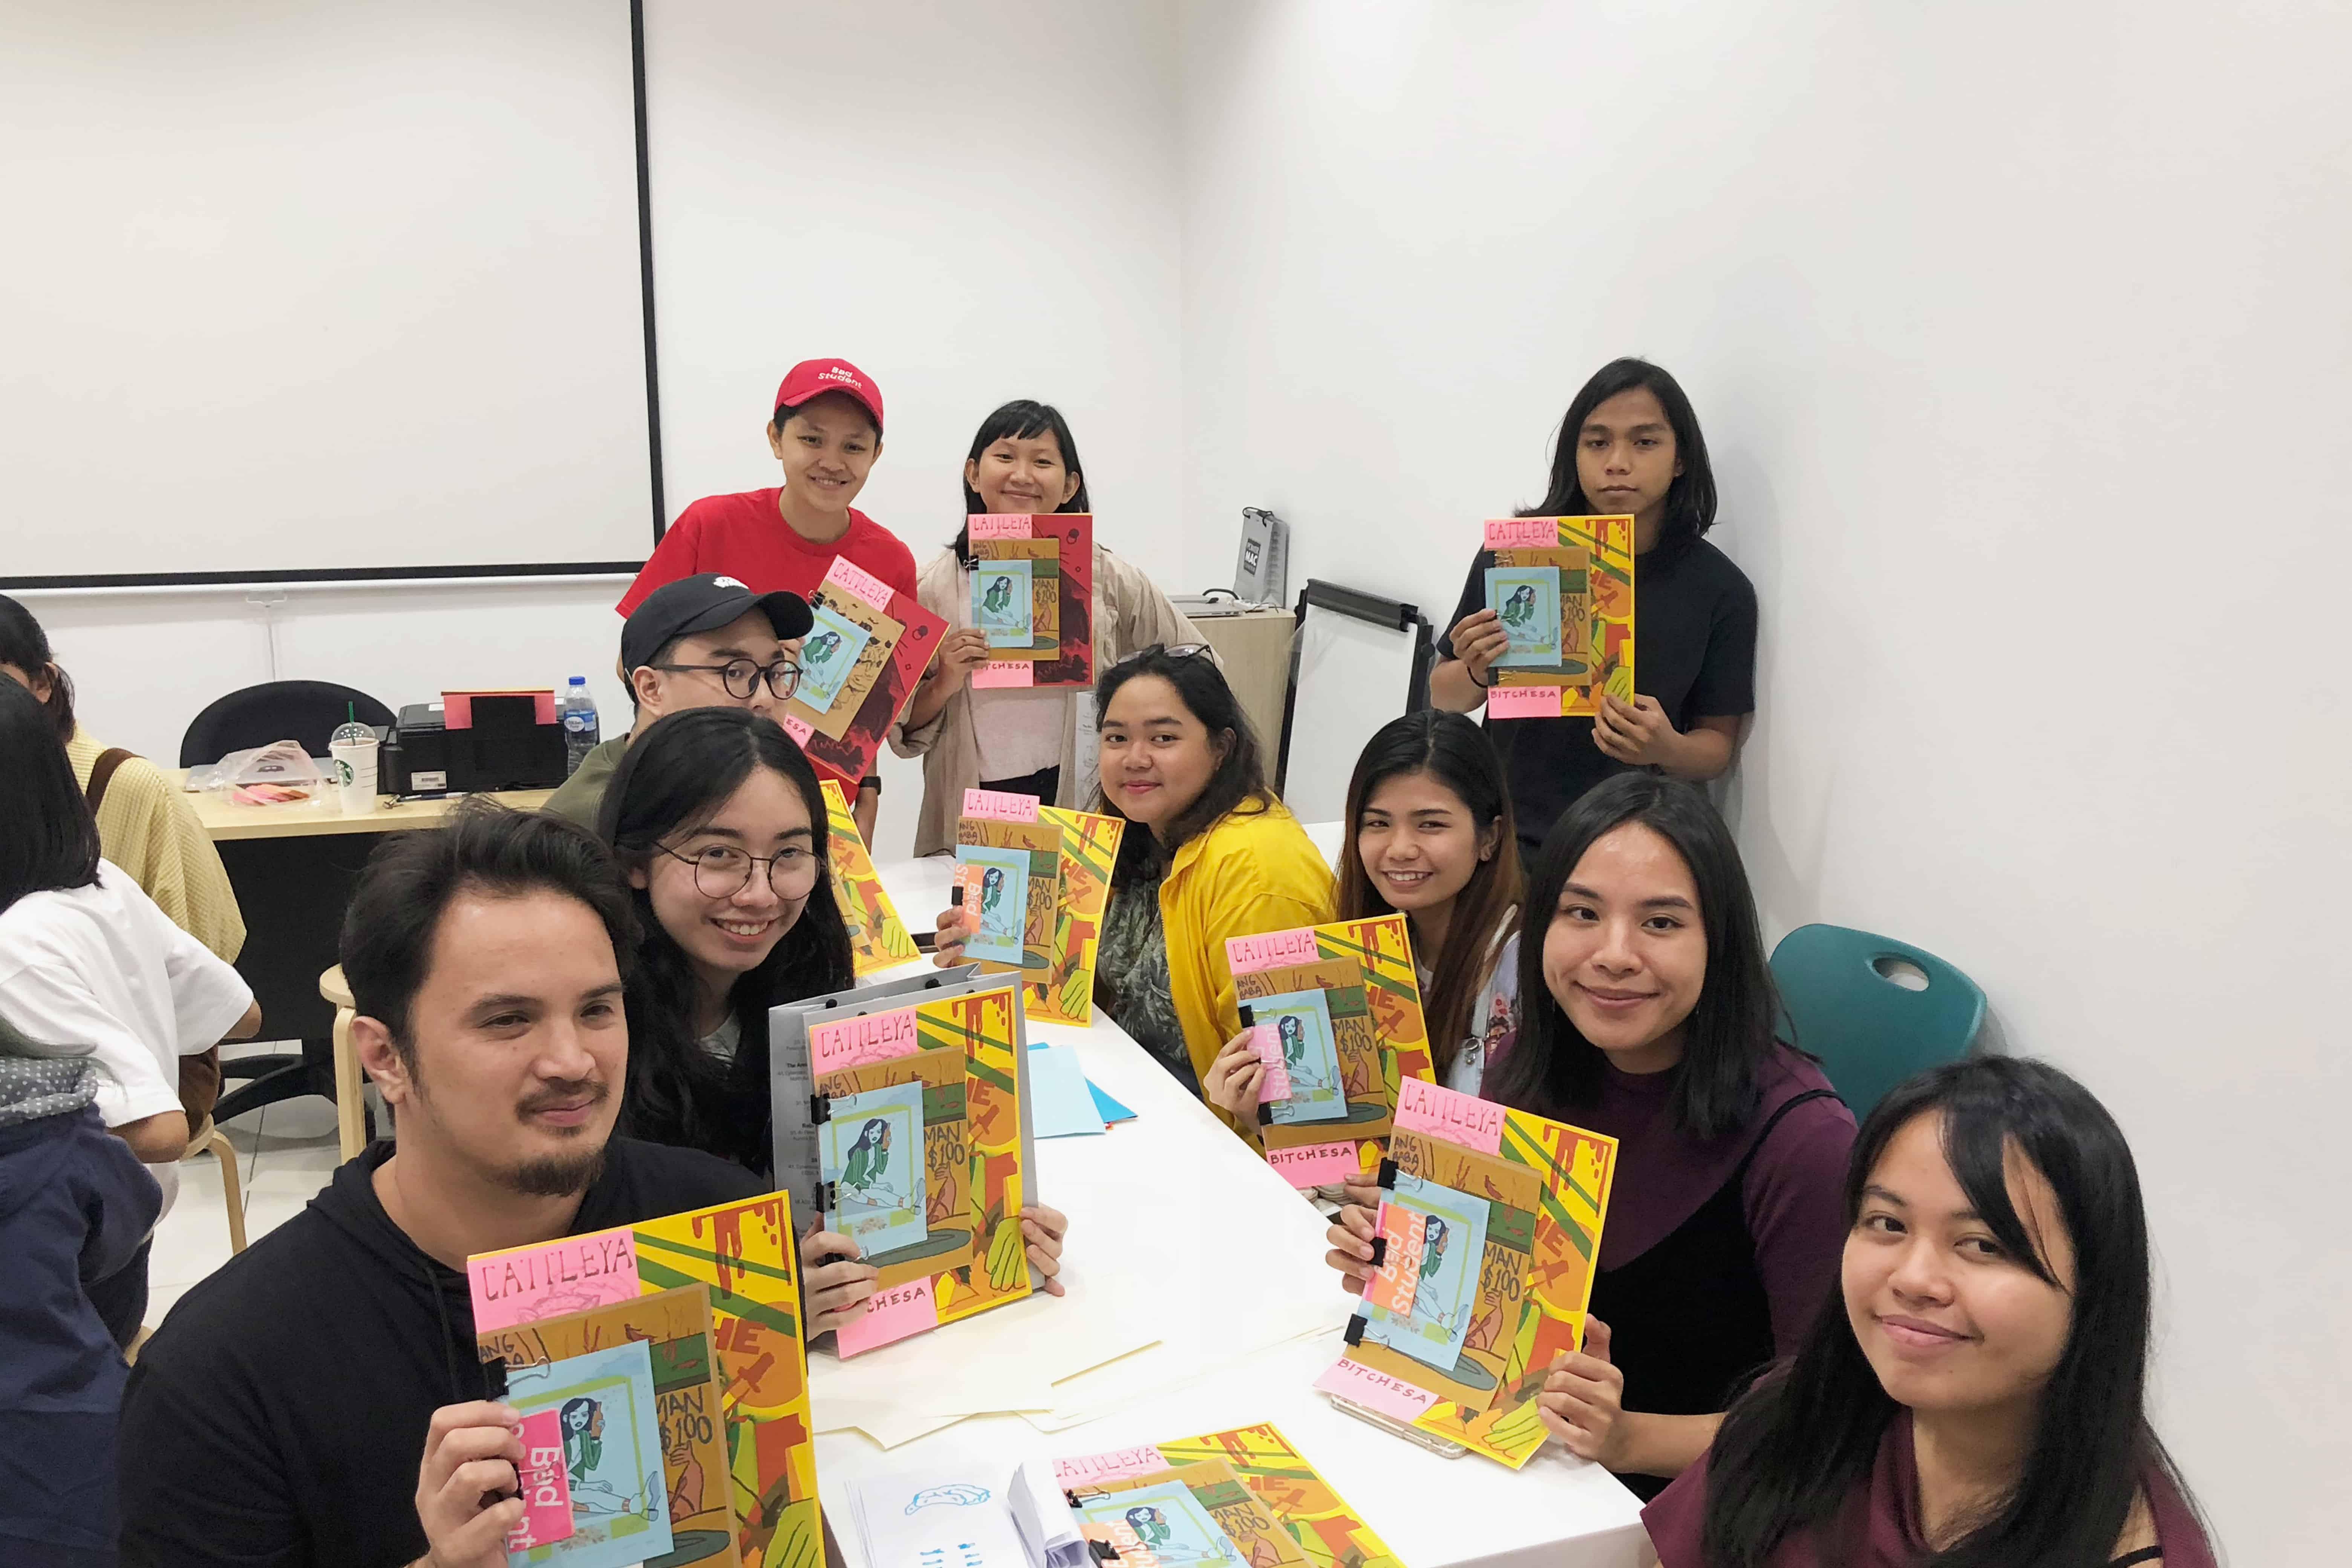 Participants on Pixelworx workshop